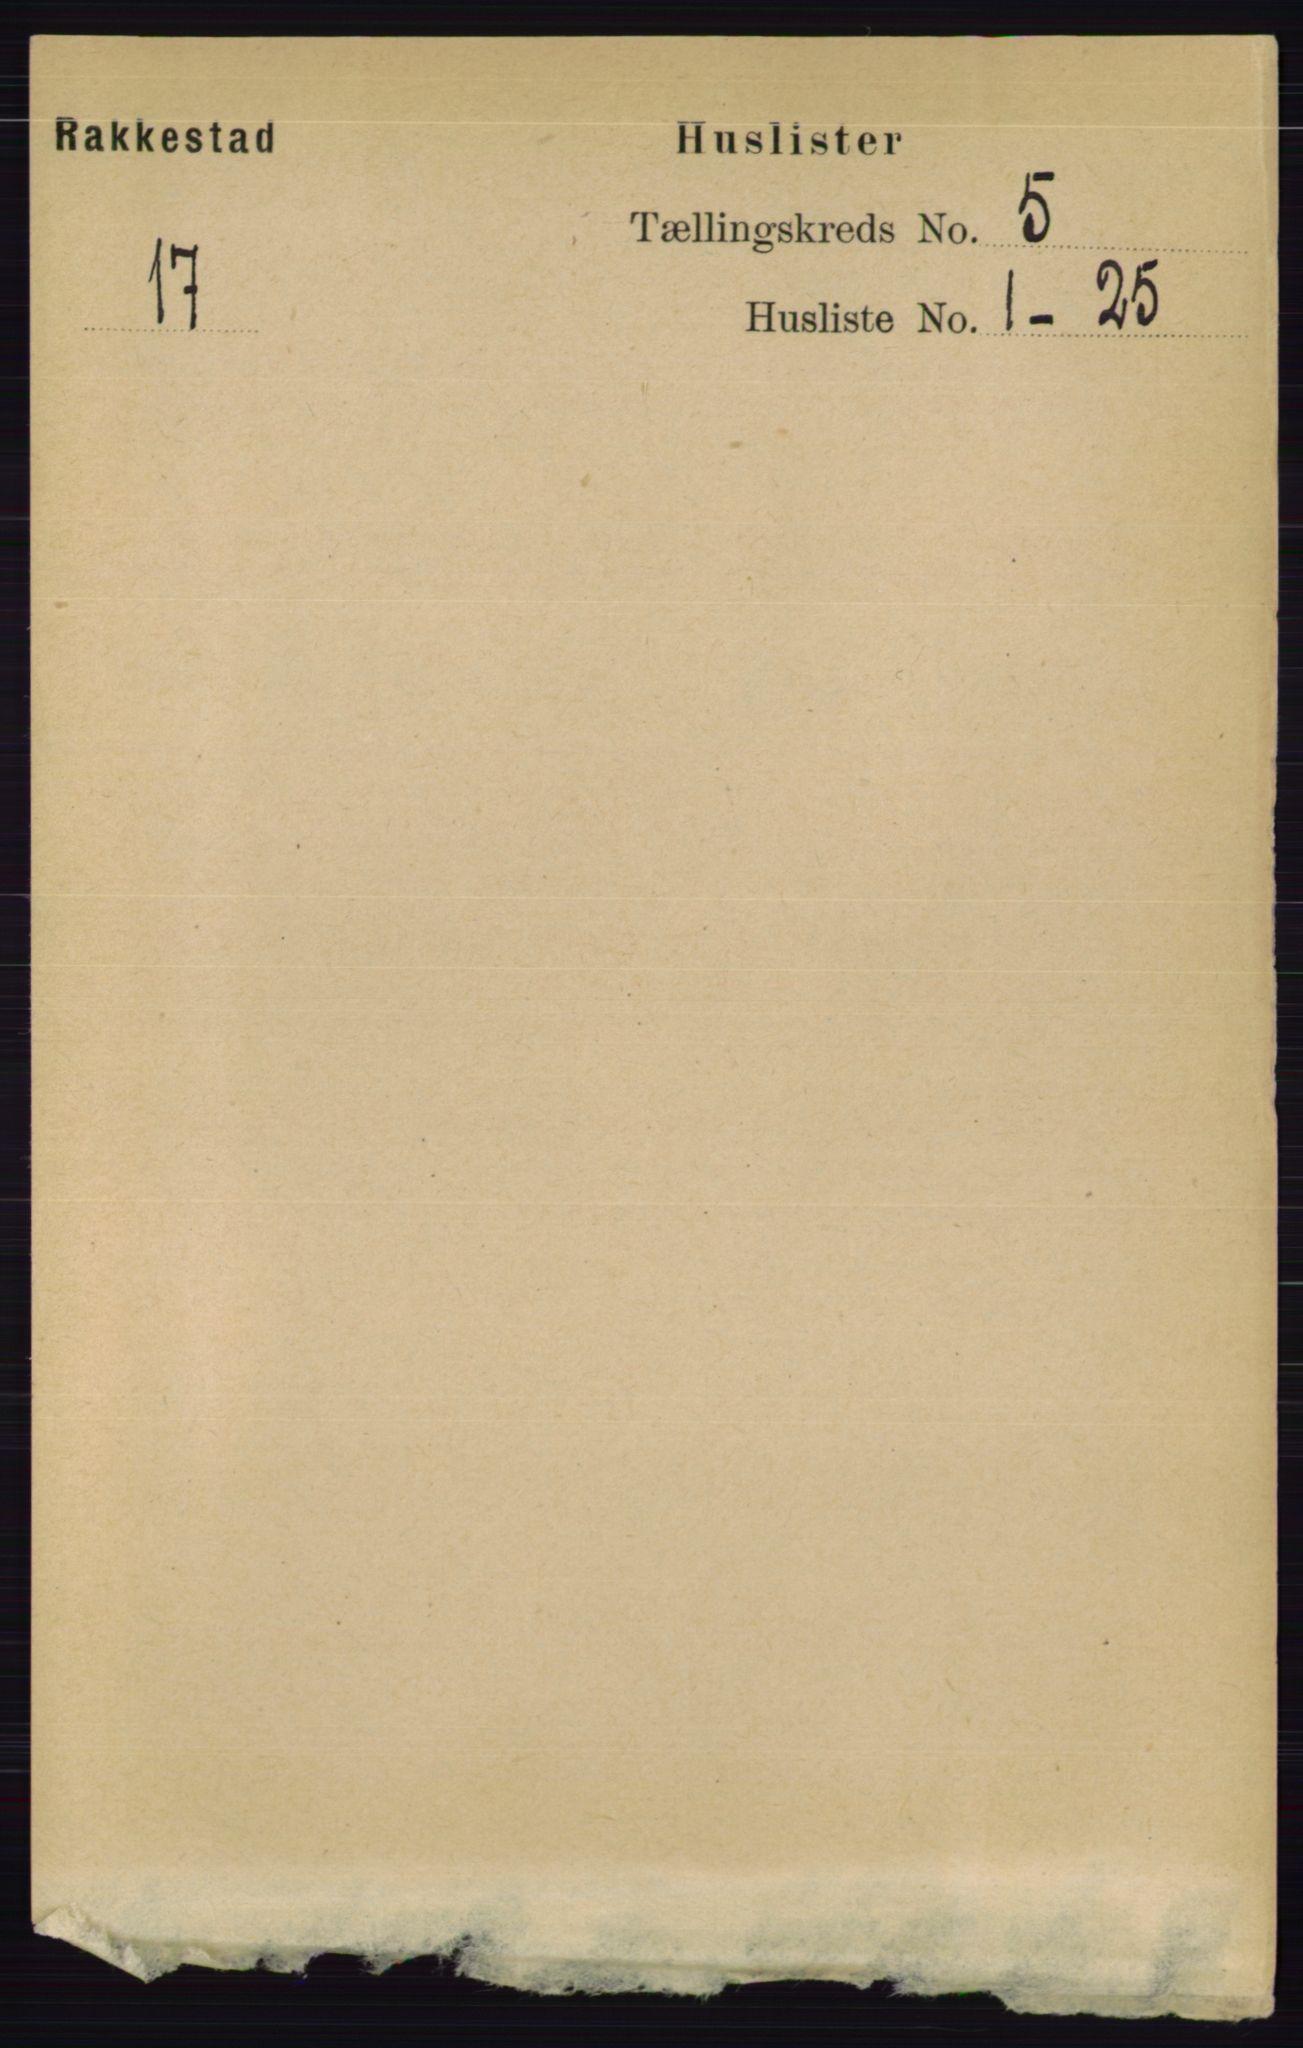 RA, Folketelling 1891 for 0128 Rakkestad herred, 1891, s. 2208